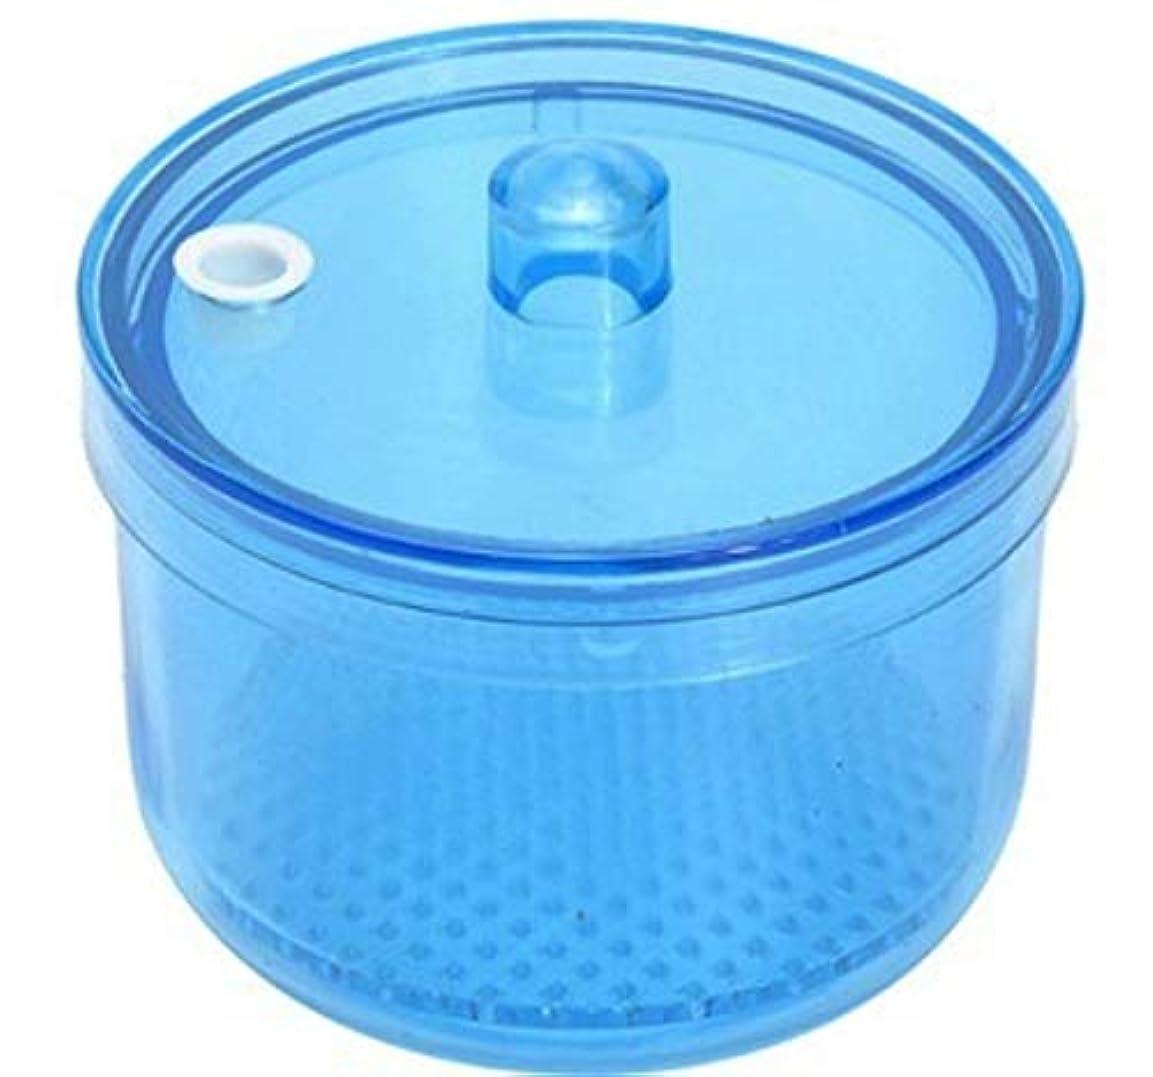 守るツーリストふけるMOFF 入れ歯洗浄ケース ポット 網付き リテーナーボックス デンタルケース 高温高圧殺菌 洗浄剤対応可能 耐熱温度134度 シンプル (ブルー)